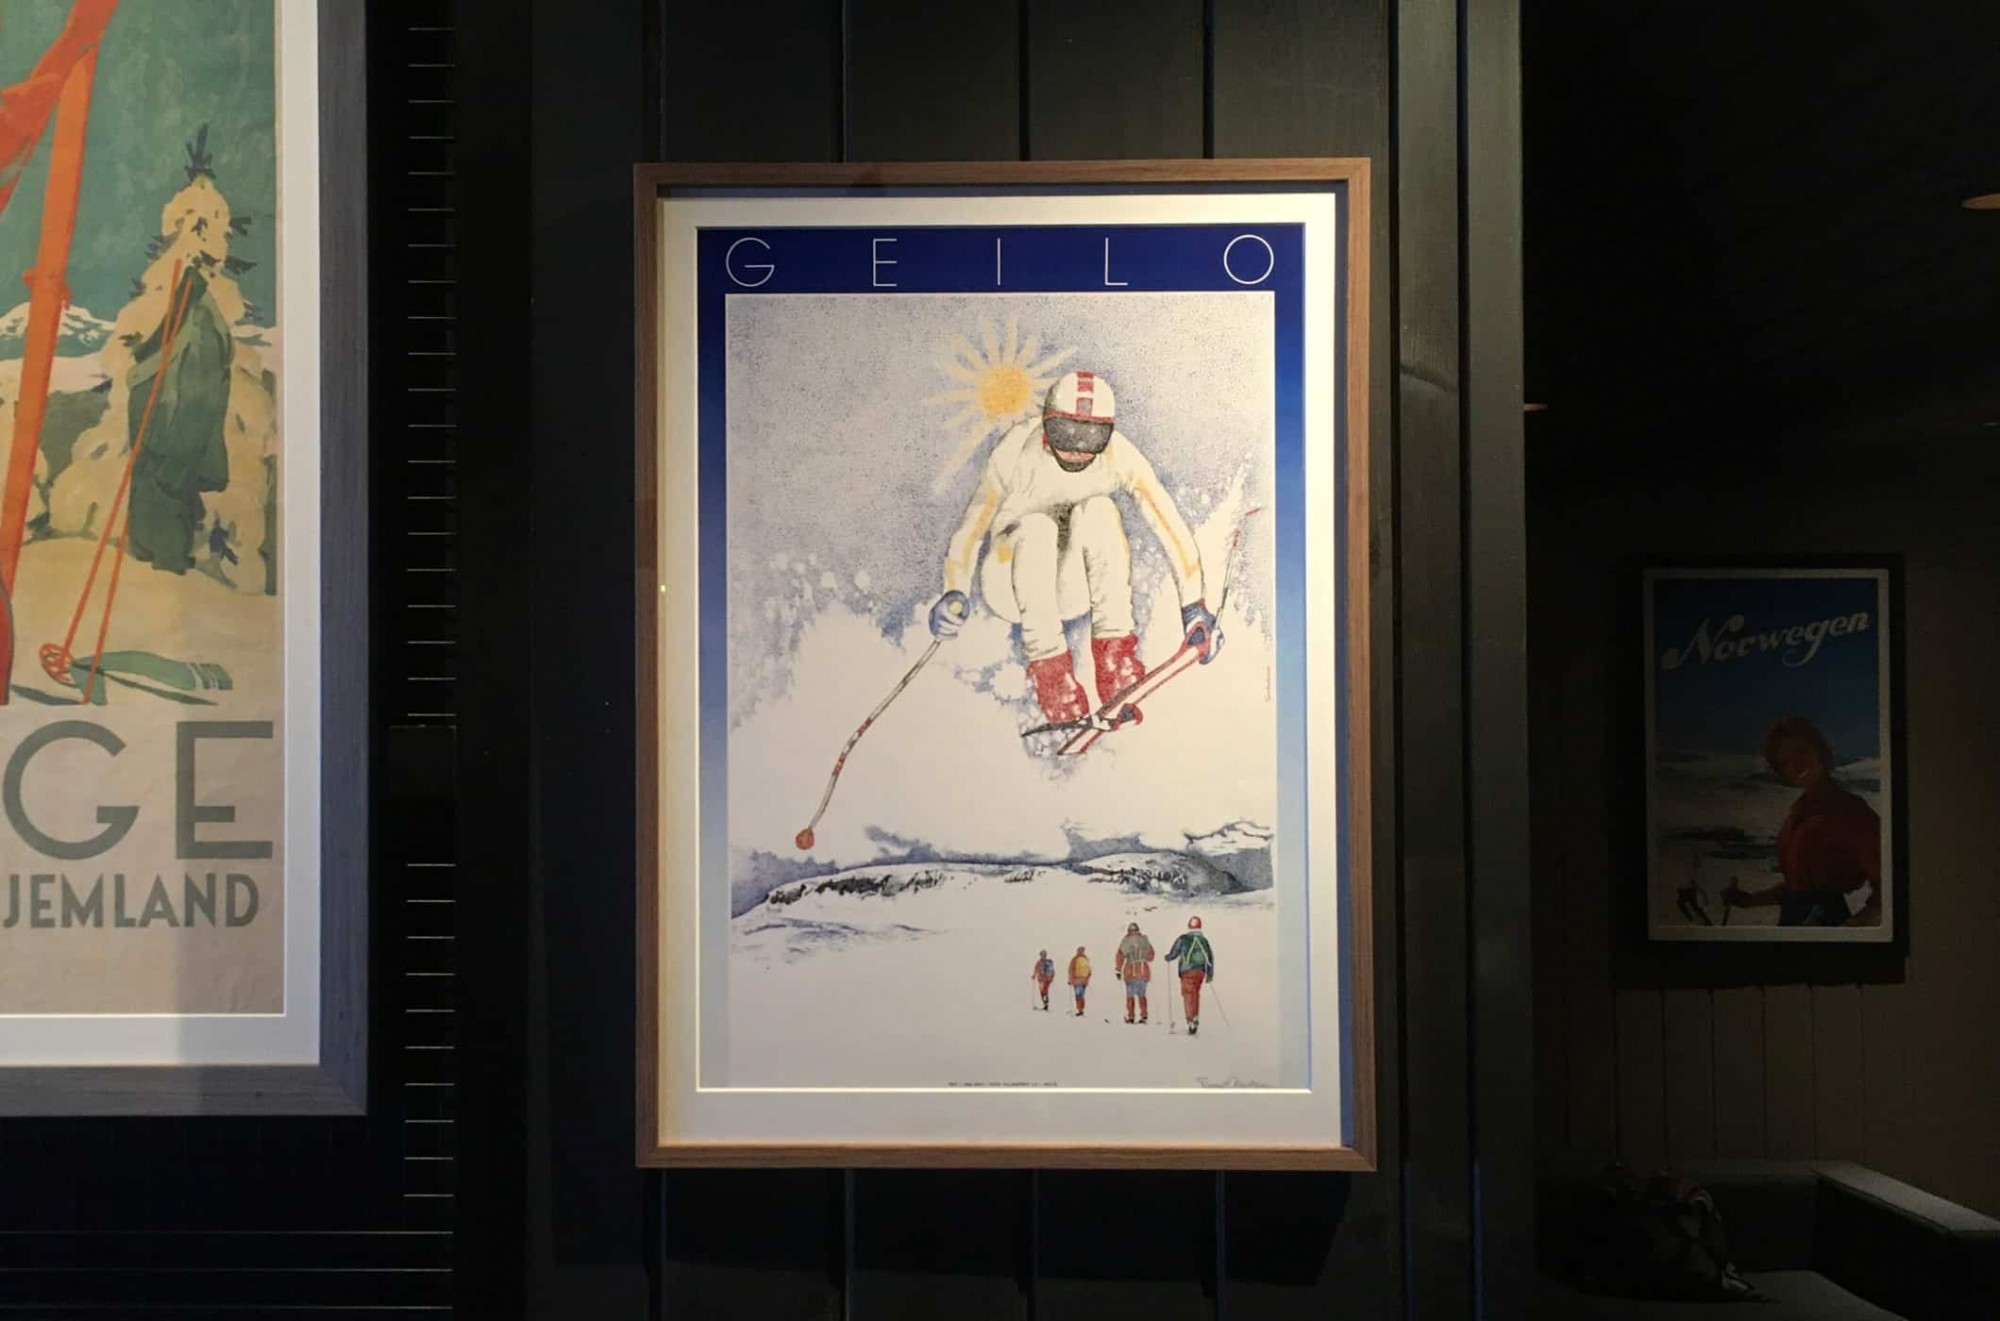 Geiloplakat: Trond Andersson er kunstneren bak plakaten fra 1986. Plakaten ble representert på Plakatbiennalen i Warszawa i1986 og henger på plakatmuseet i Polen.